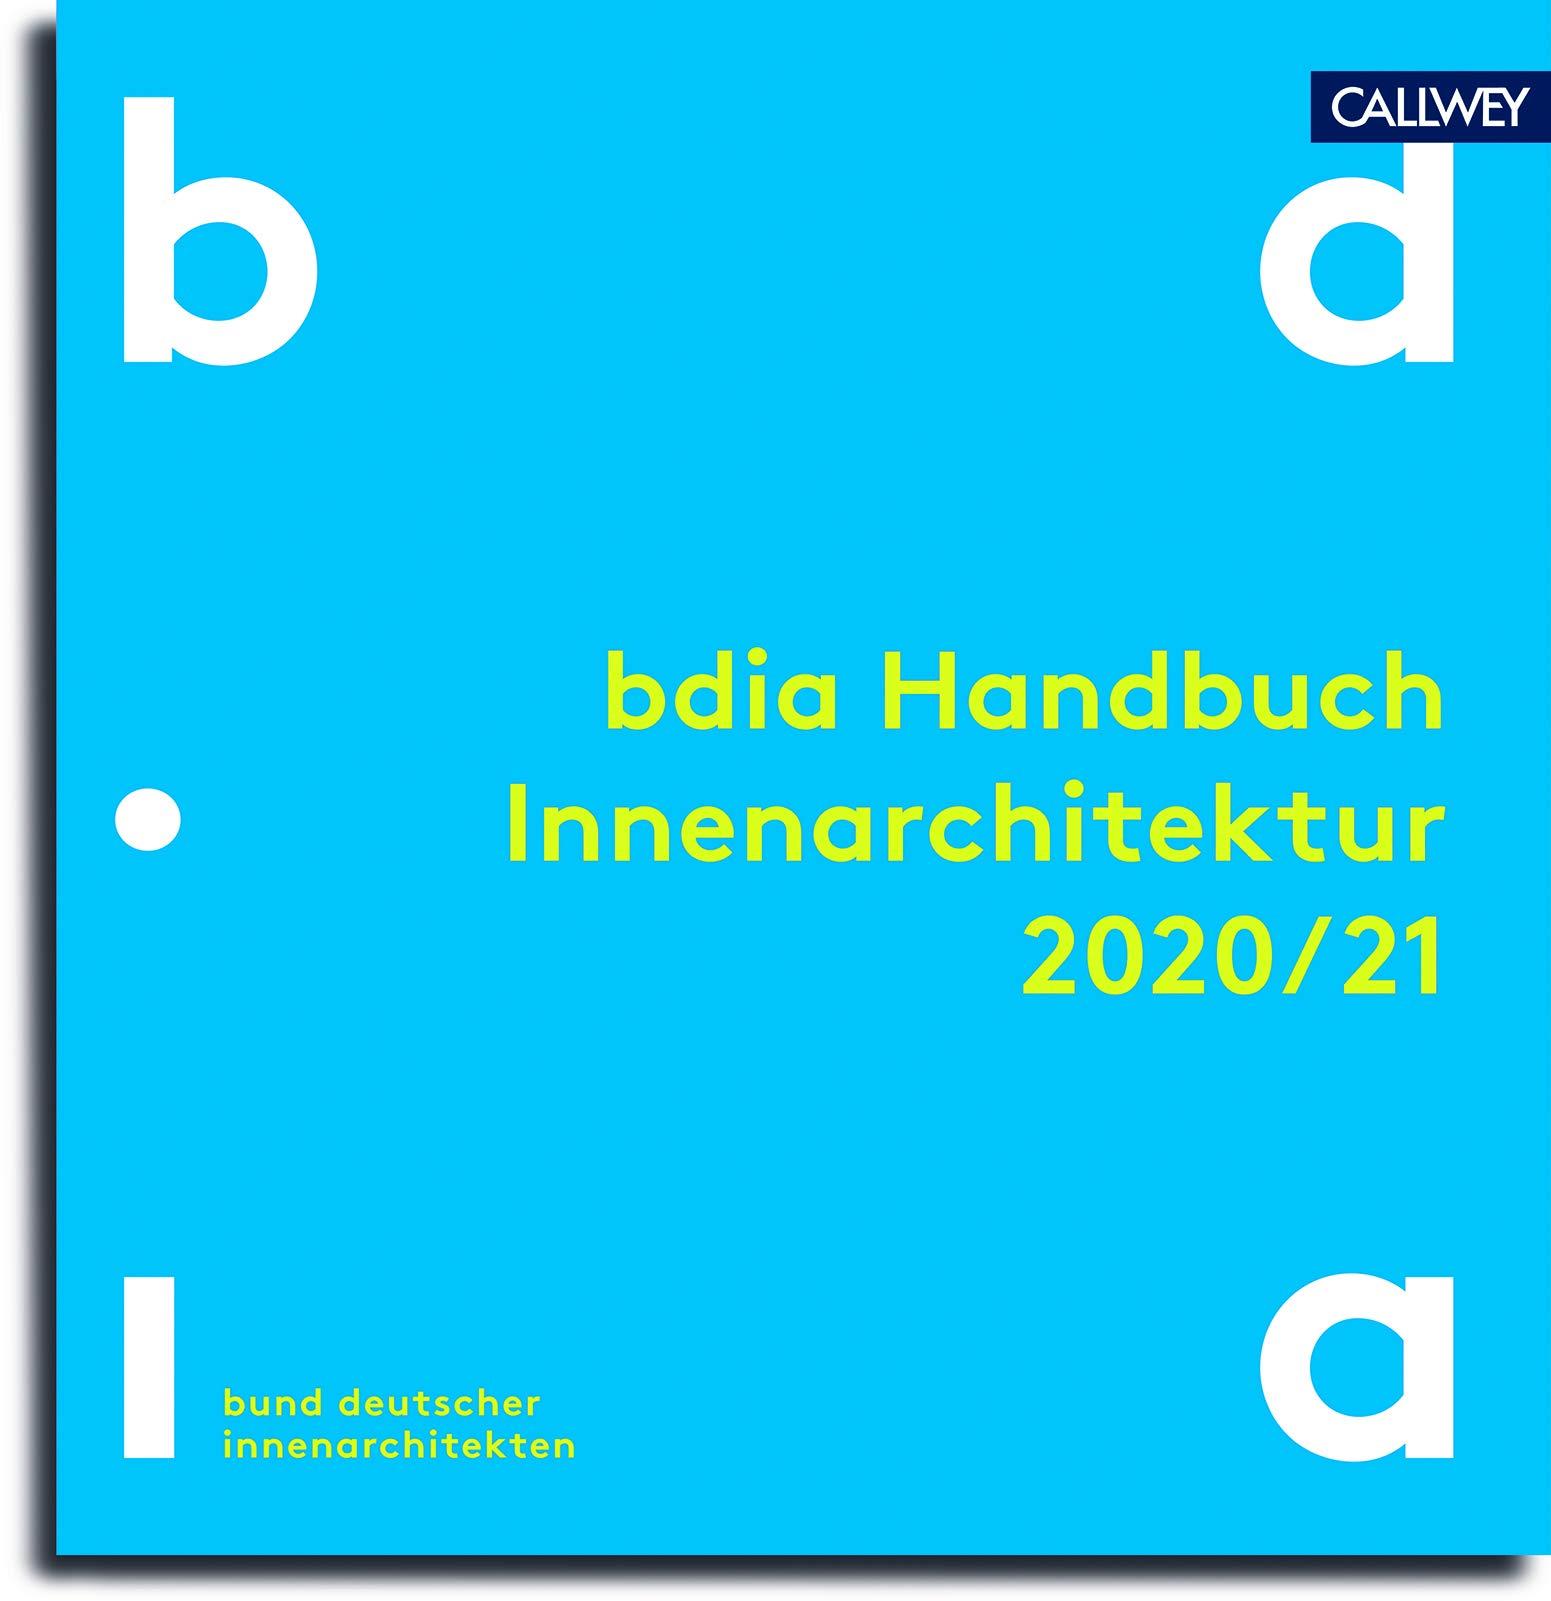 bdia Handbuch Innenarchitektur 21/21  bdia, bund deutscher ...